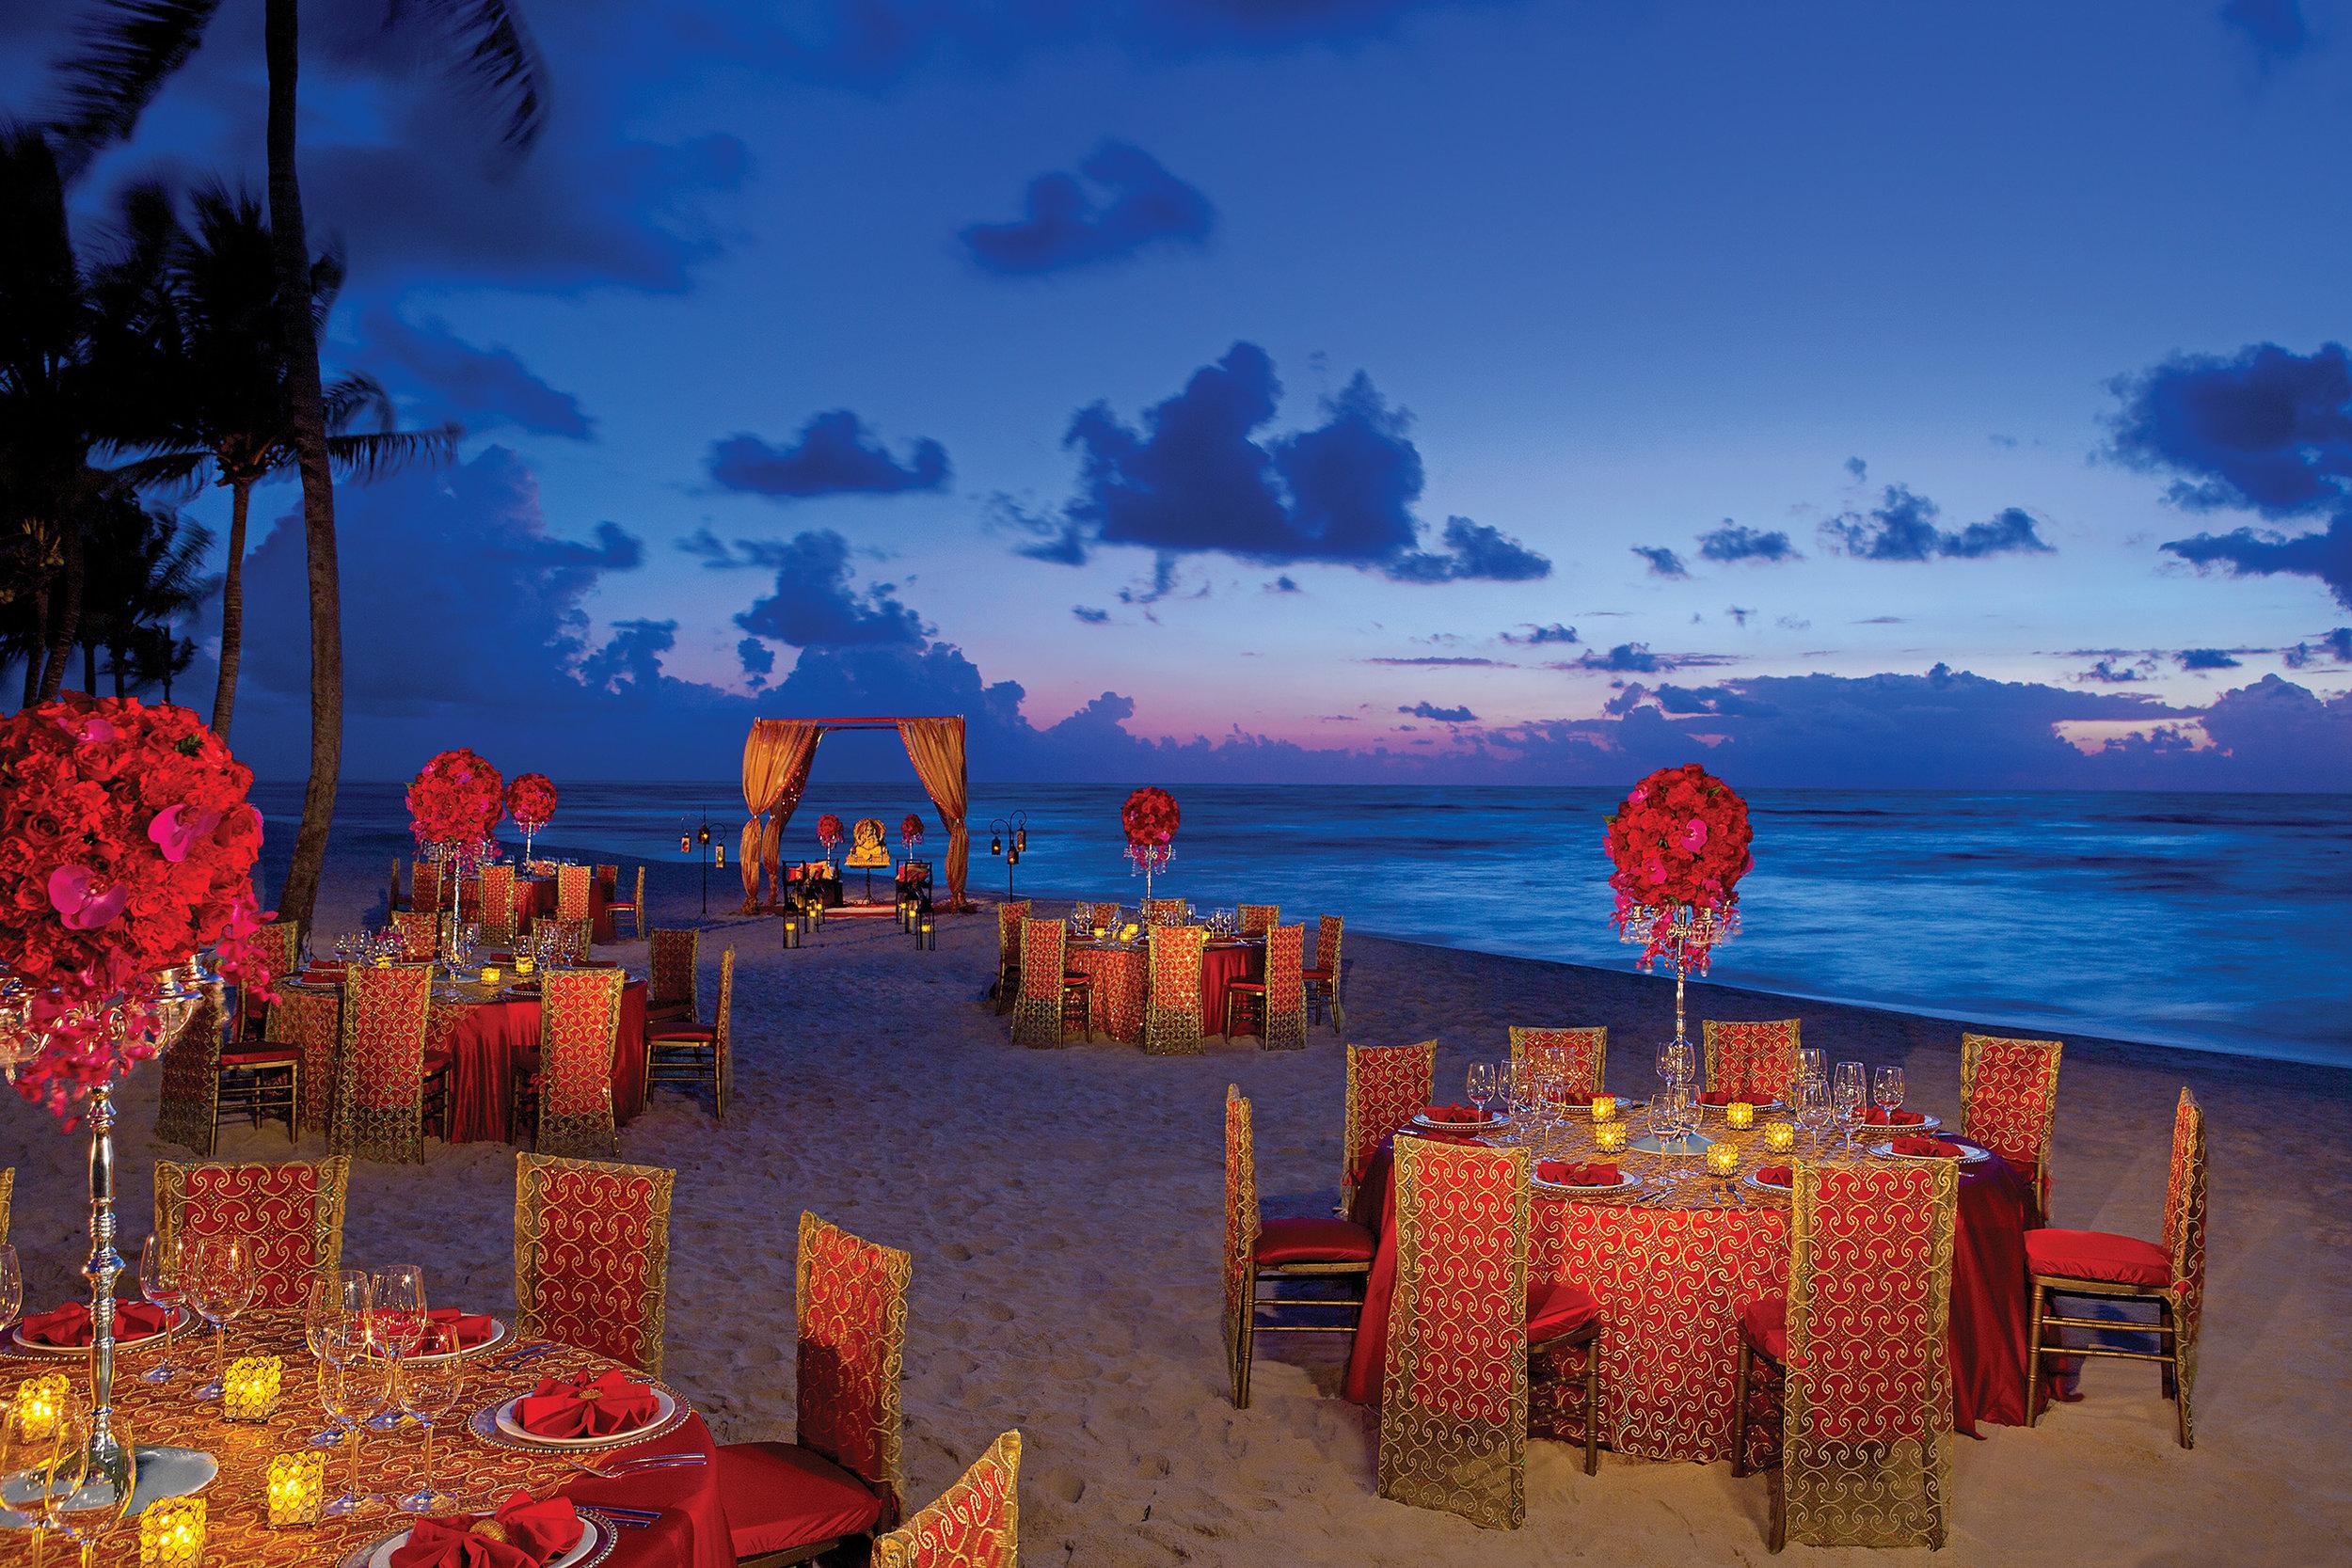 AMR_Hindu_WeddingReception_Beach_1A.jpg